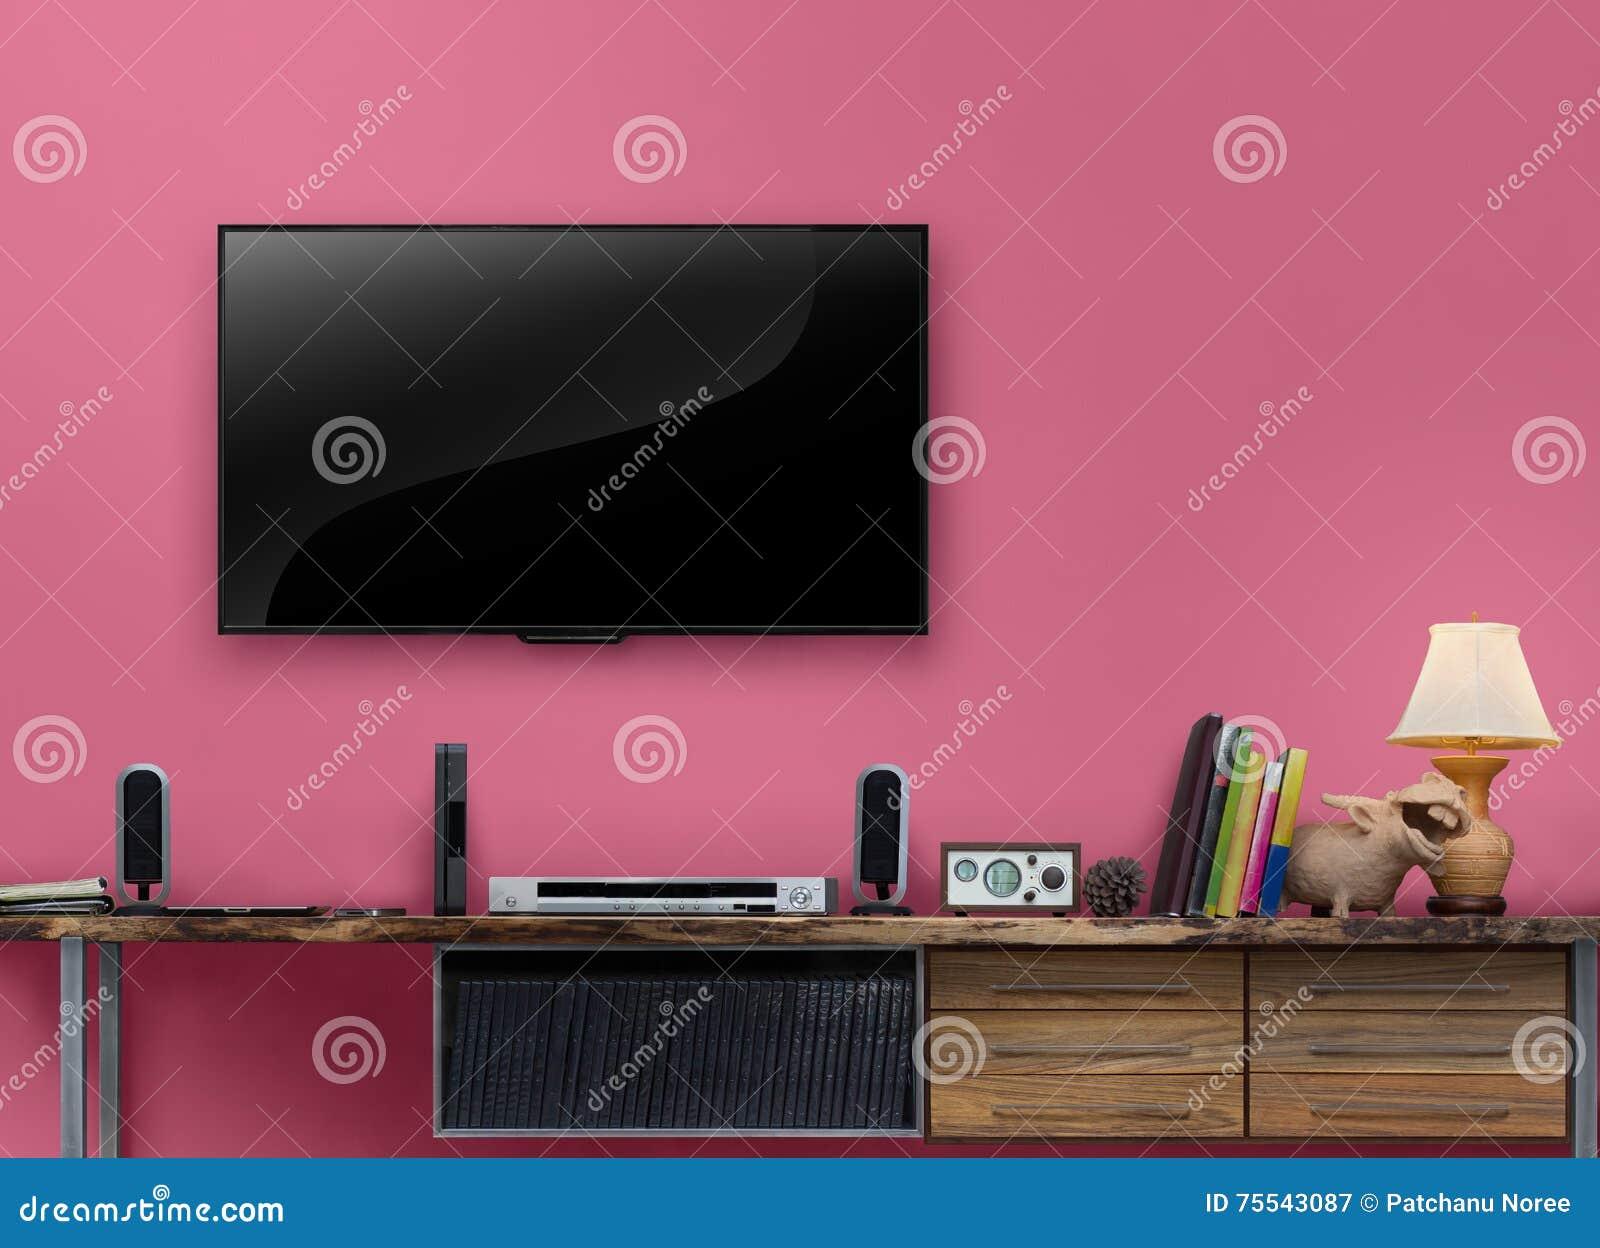 https://thumbs.dreamstime.com/z/de-geleide-houten-lijst-van-tv-met-roze-muur-woonkamer-75543087.jpg